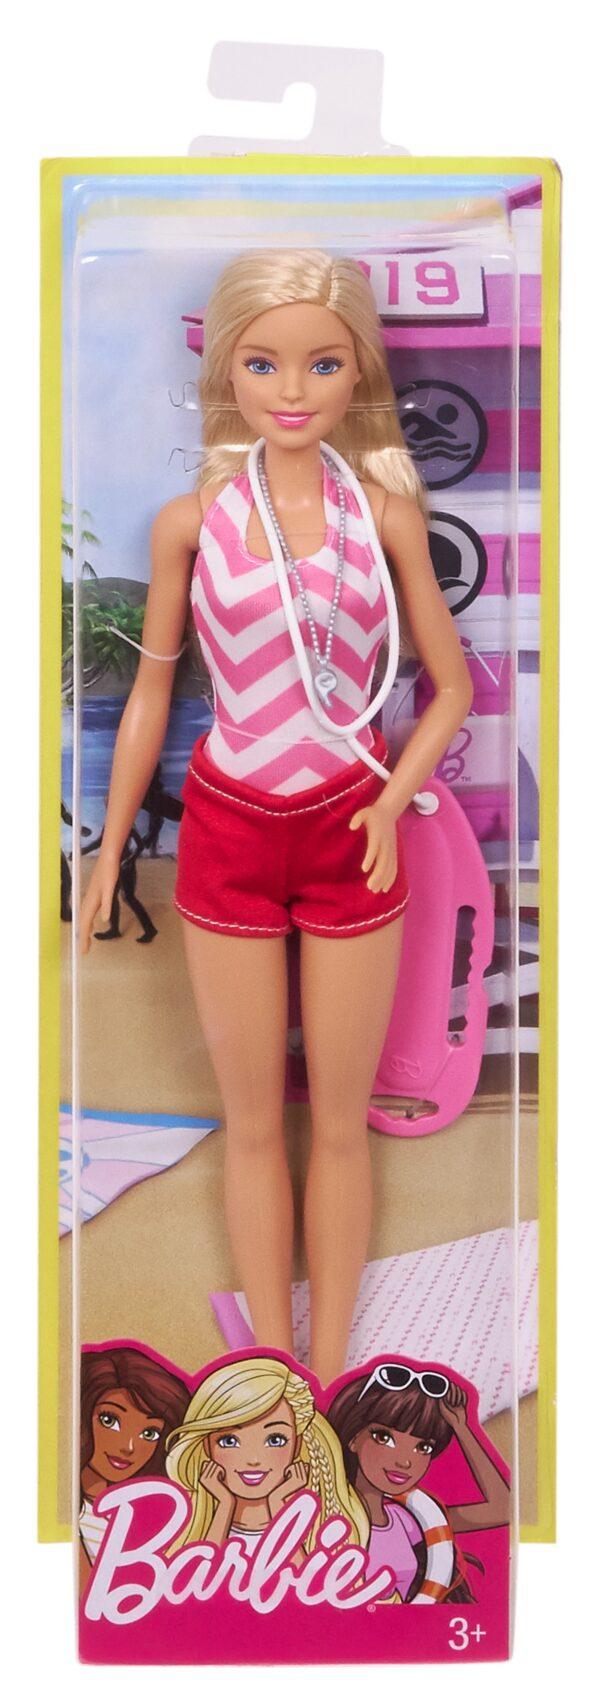 Barbie Carriere Assortimento 12-36 Mesi, 3-5 Anni Femmina Barbie ALTRI